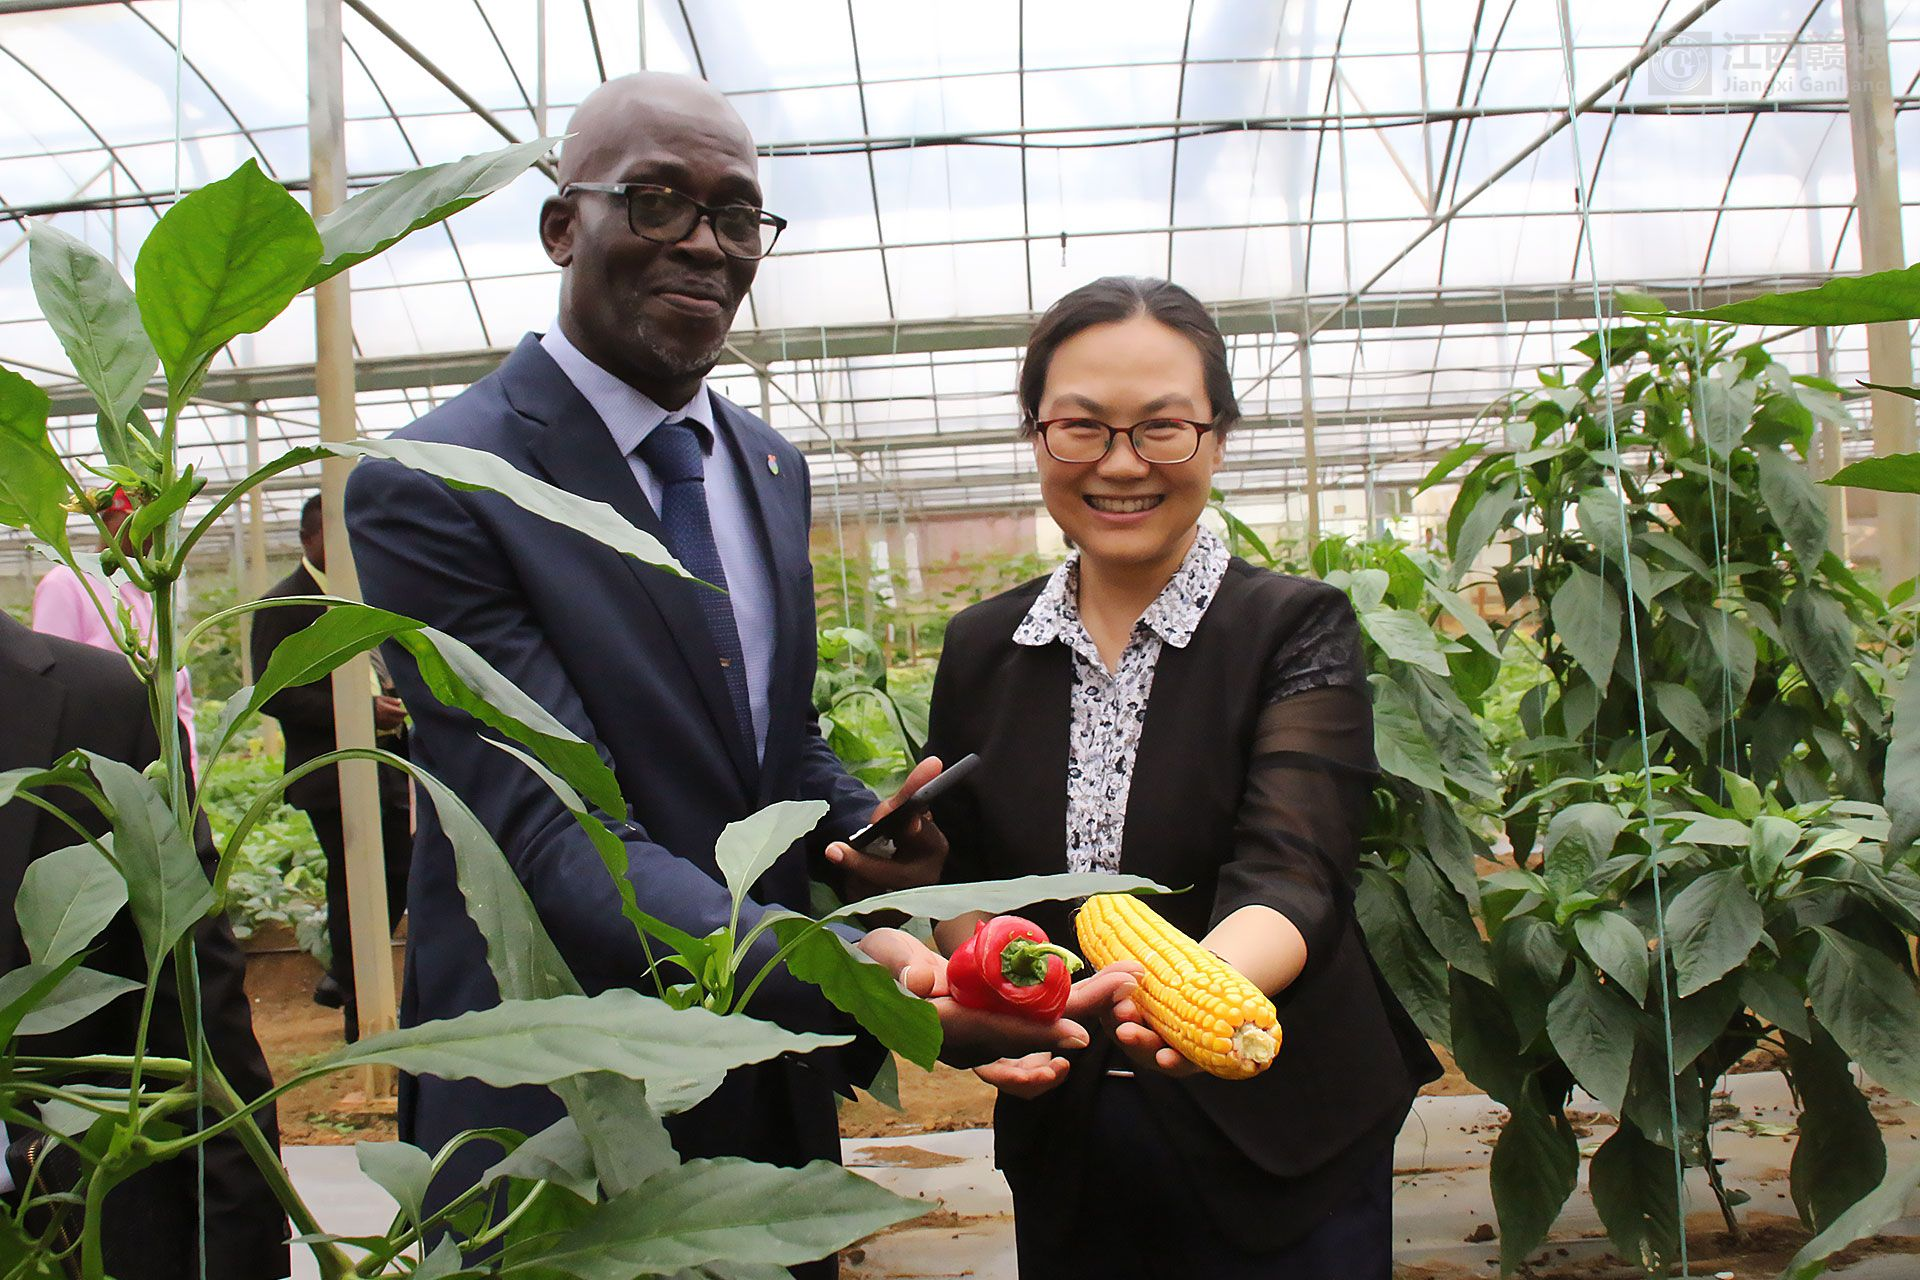 援亚博体育官方app下载亚博yabo外围app农场农作物喜获丰收  亓玫大使和阿卡波部长出席播种和收获活动